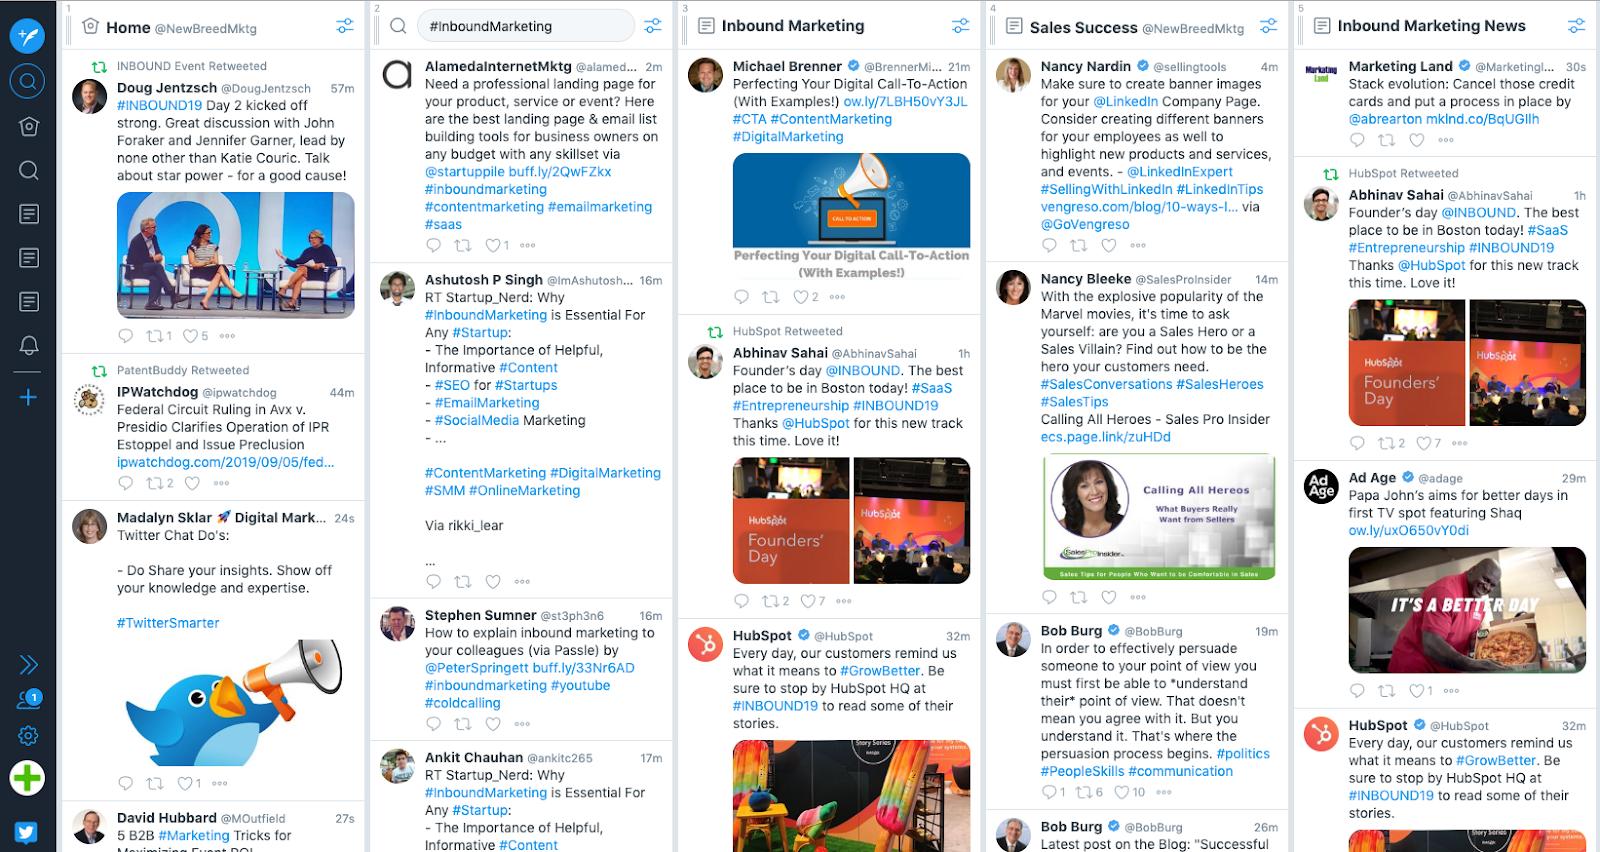 tweetdeck_dashboard